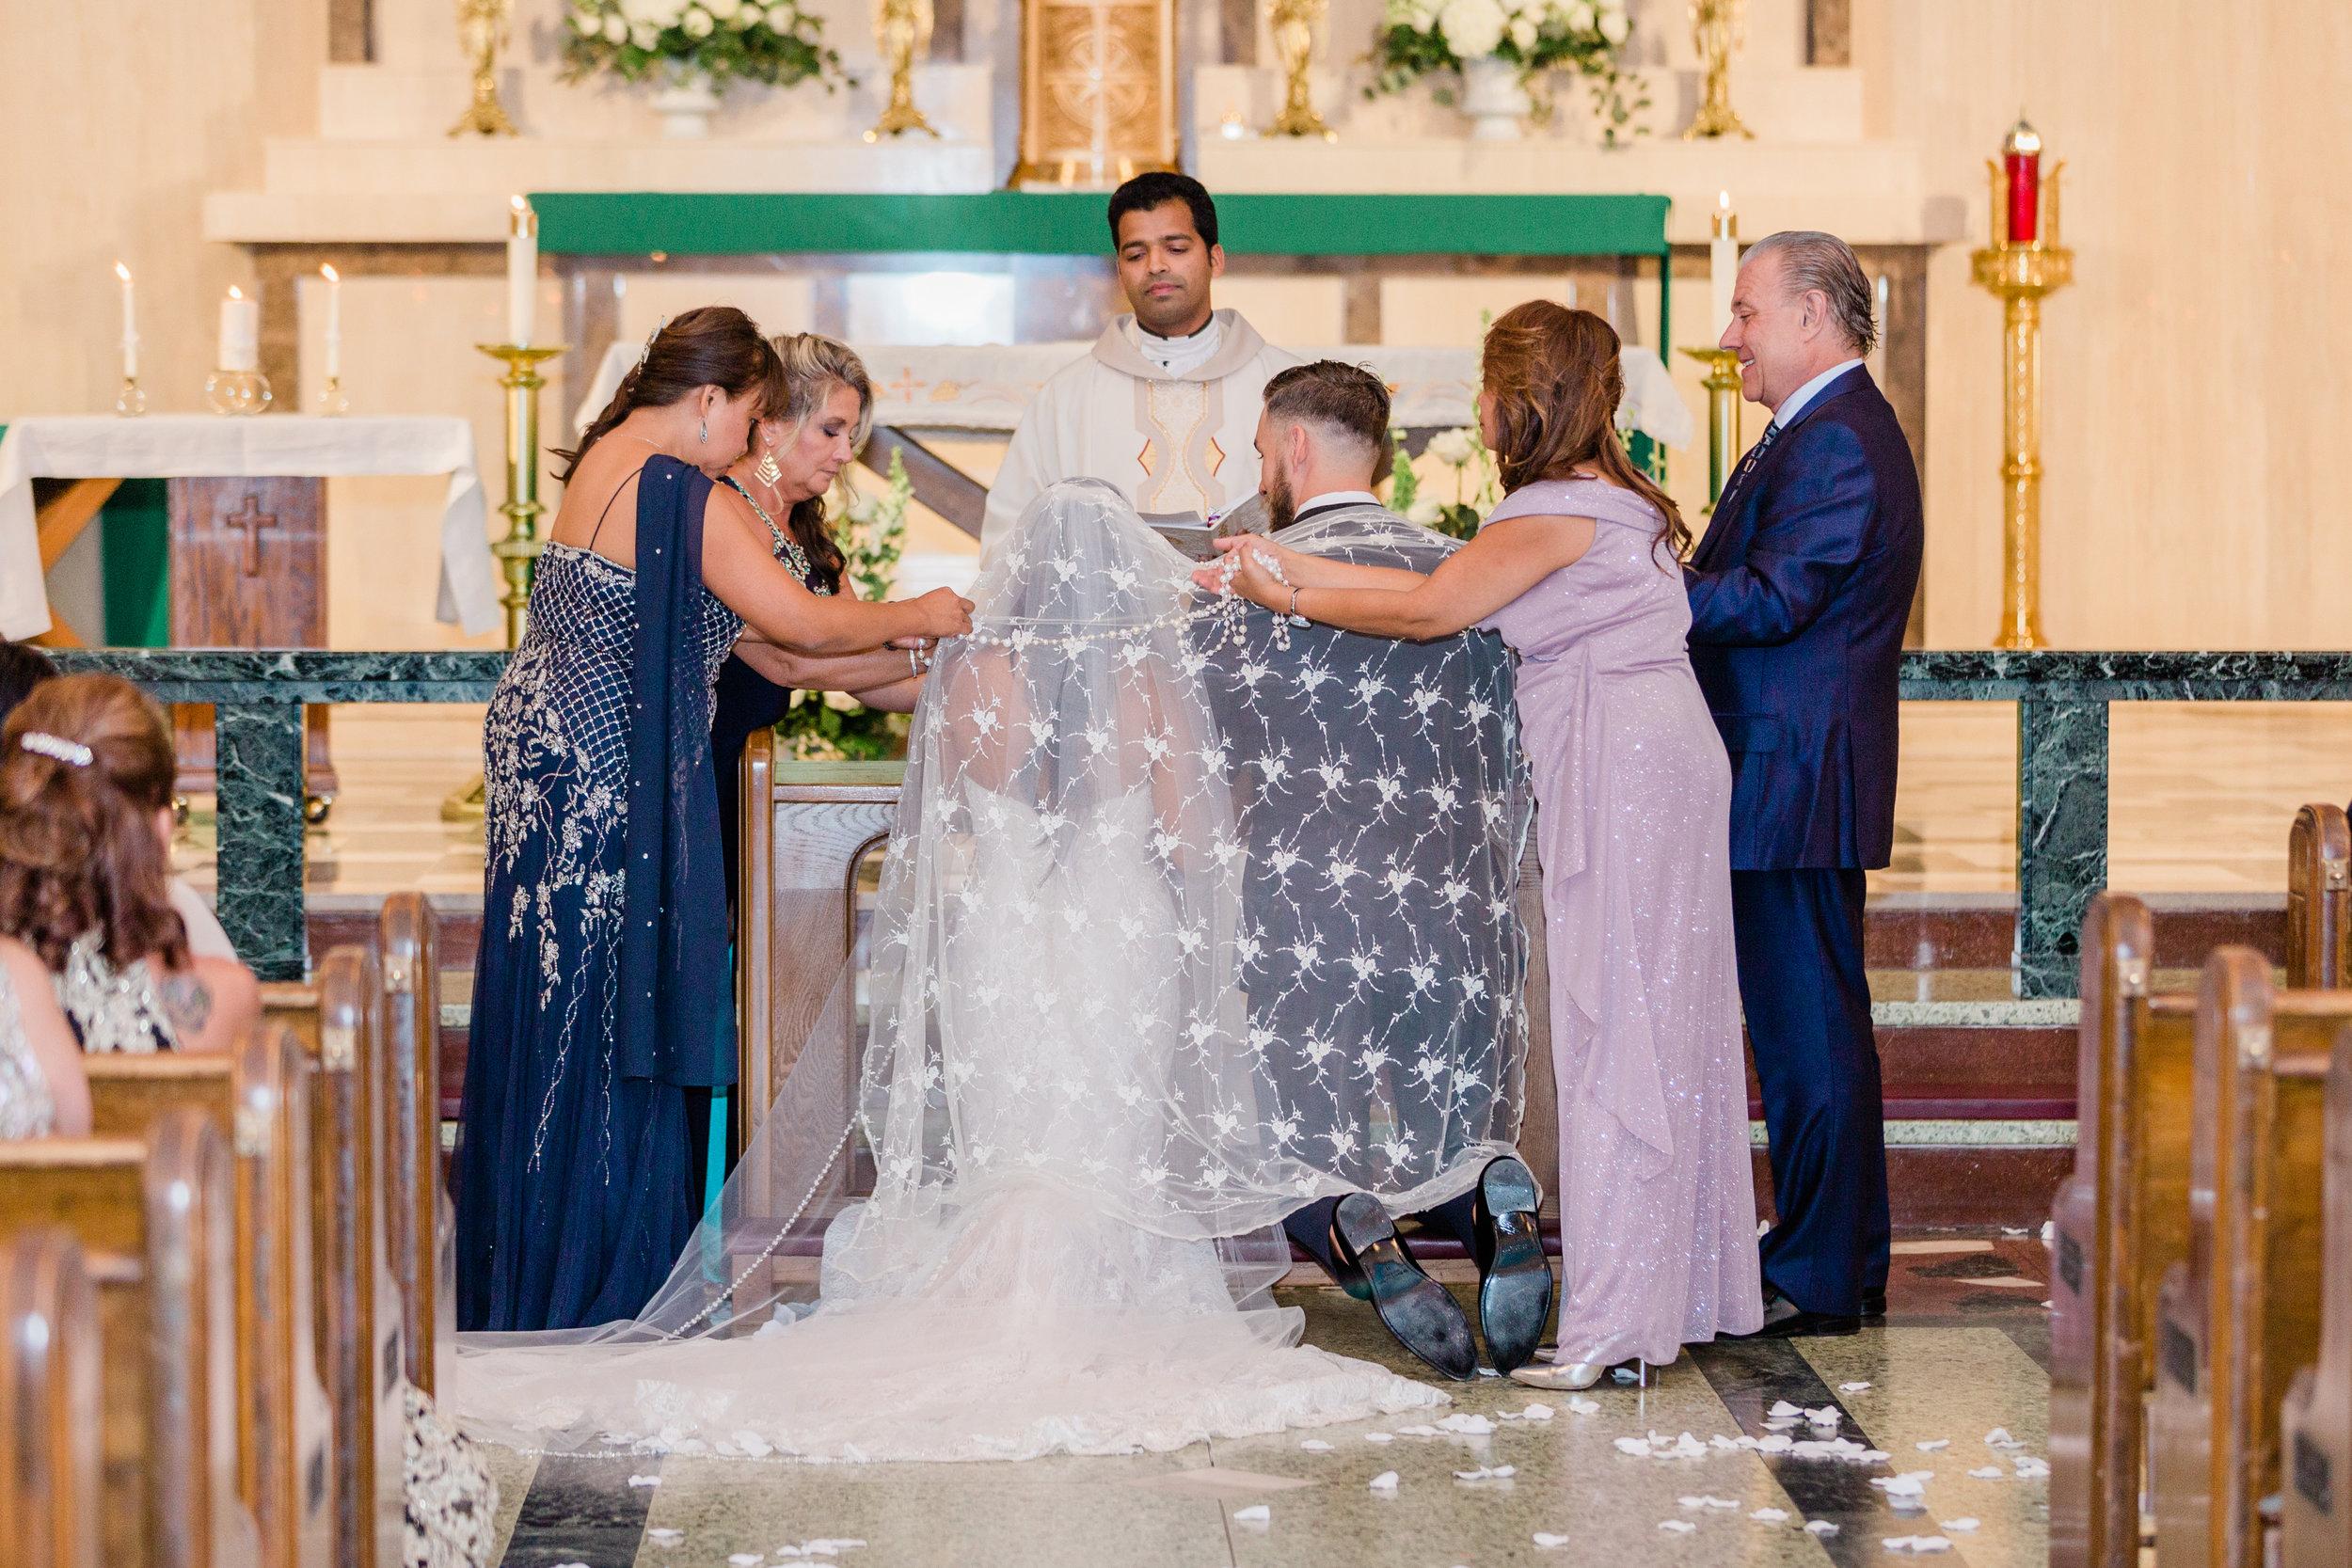 Raedawn and George - Married - Sneak Peeks - Lauren Alisse Photography-27.jpg